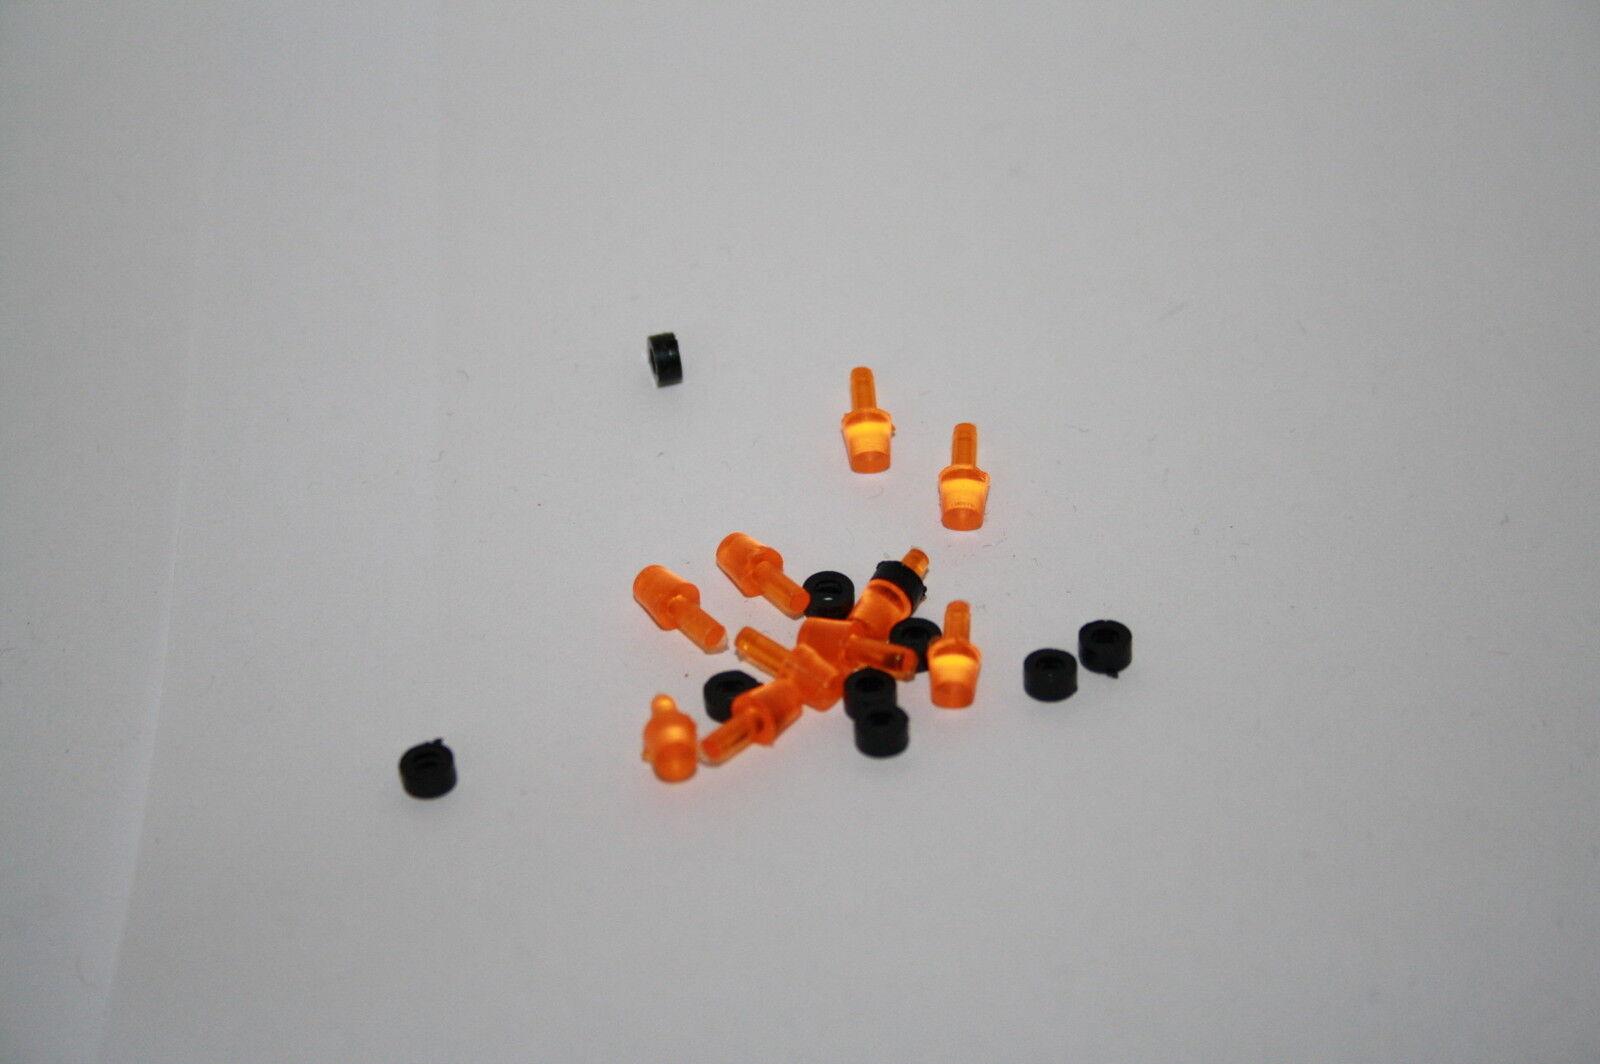 Gyrophare Orange 1 43 bases noires pompier tp militaire beacon light camion